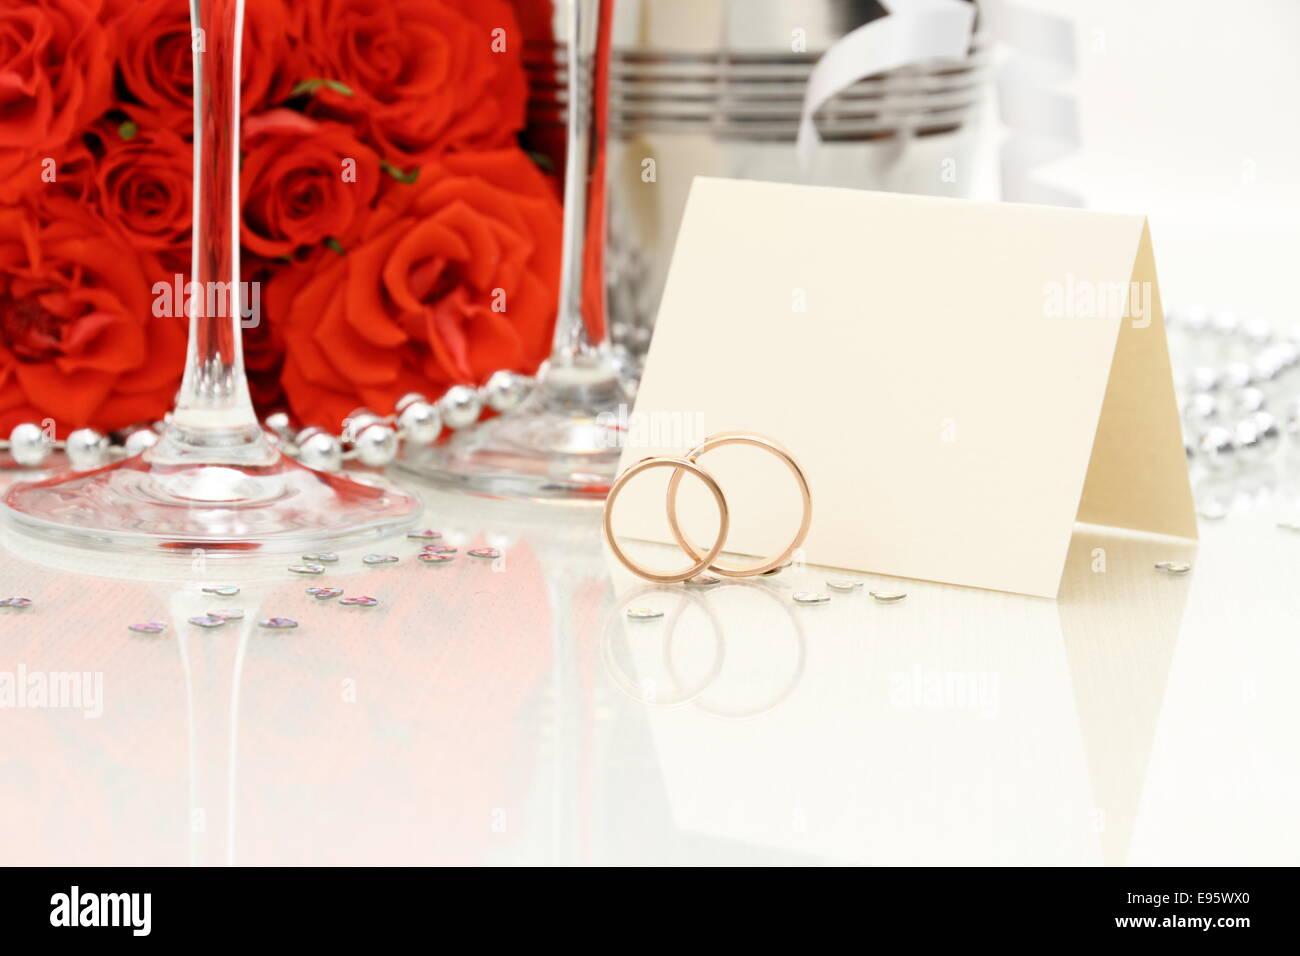 Zwei Goldene Hochzeit Ringe Mit Karte Sektgläser Rote